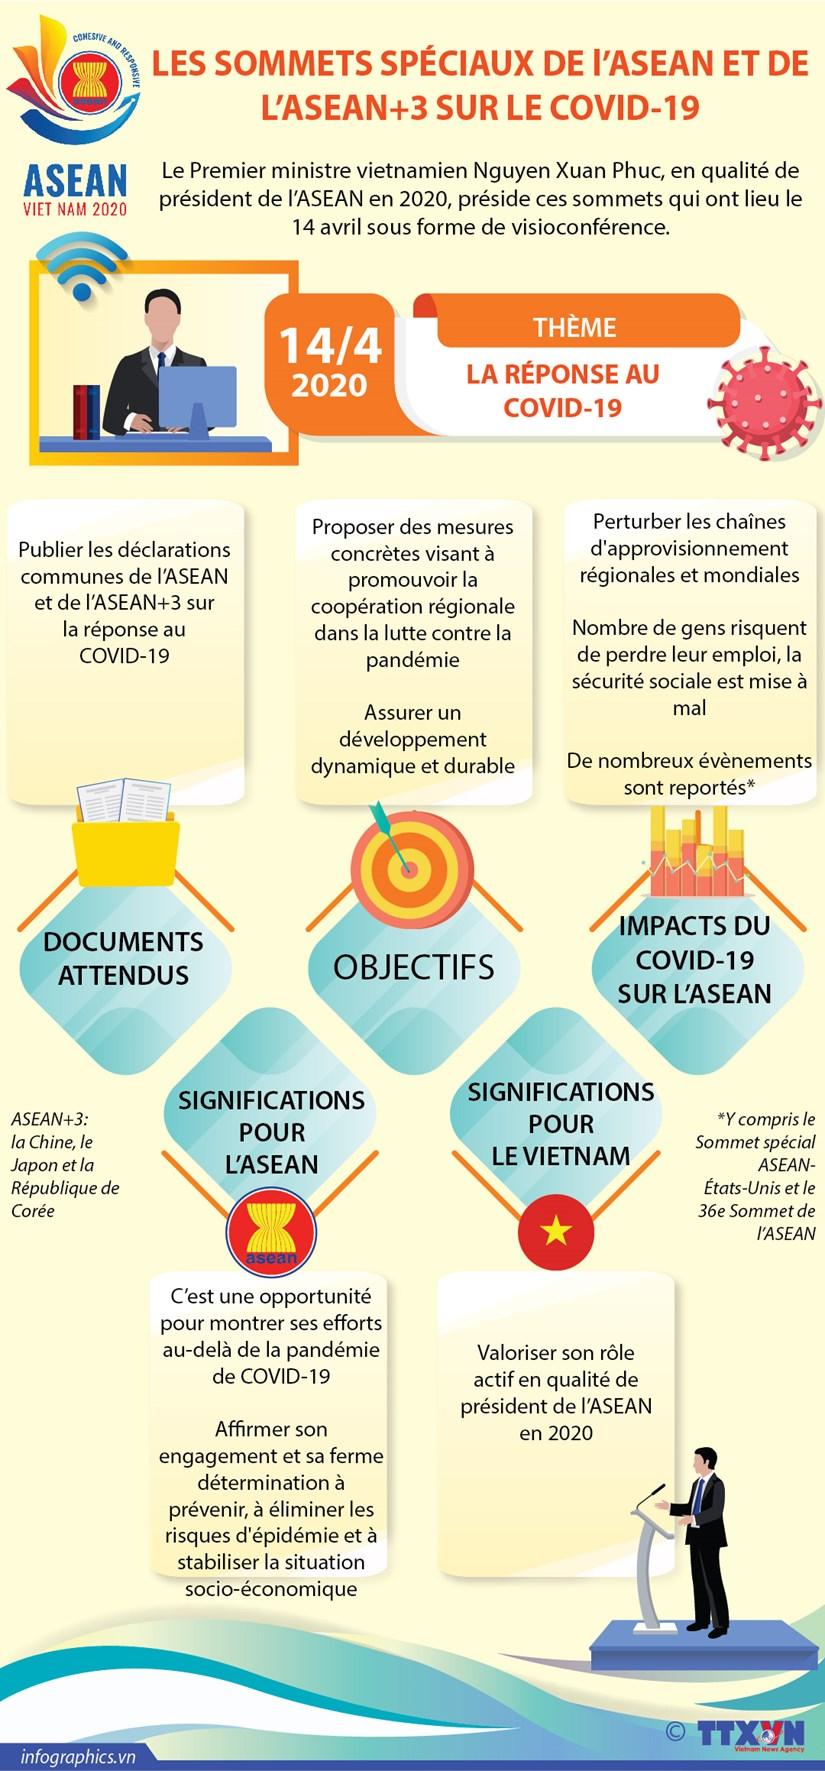 LES SOMMETS SPECIAUX DE l'ASEAN ET DE L'ASEAN+3 SUR LE COVID-19 hinh anh 1